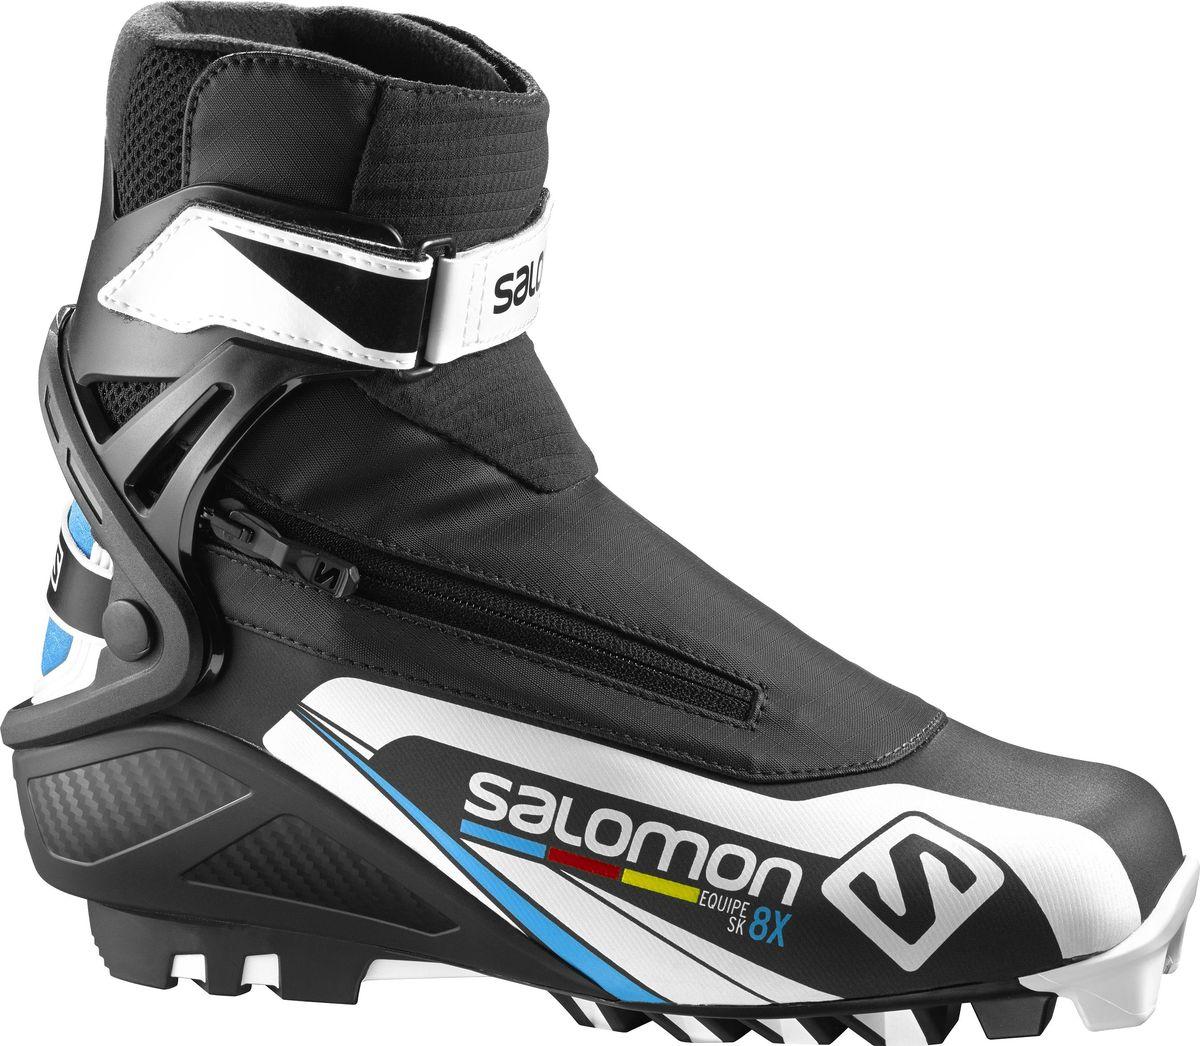 Ботинки для беговых лыж Salomon Equipe 8X Skate, цвет: черный. Размер 10,5 (44)L39187800В ботинках Salomon Equipe 8X Skate совмещены системы термоформовки Custom fit с инновационной раздельной системой быстрого шнурования для великолепного комфорта. Манжета Energyzer cuff обеспечит мощную и прогрессивную боковую поддержку. Ботинки созданы для любителей лыжного спорта, ценящих рабочие характеристики и желающих приобрести ботинки по доступной цене.